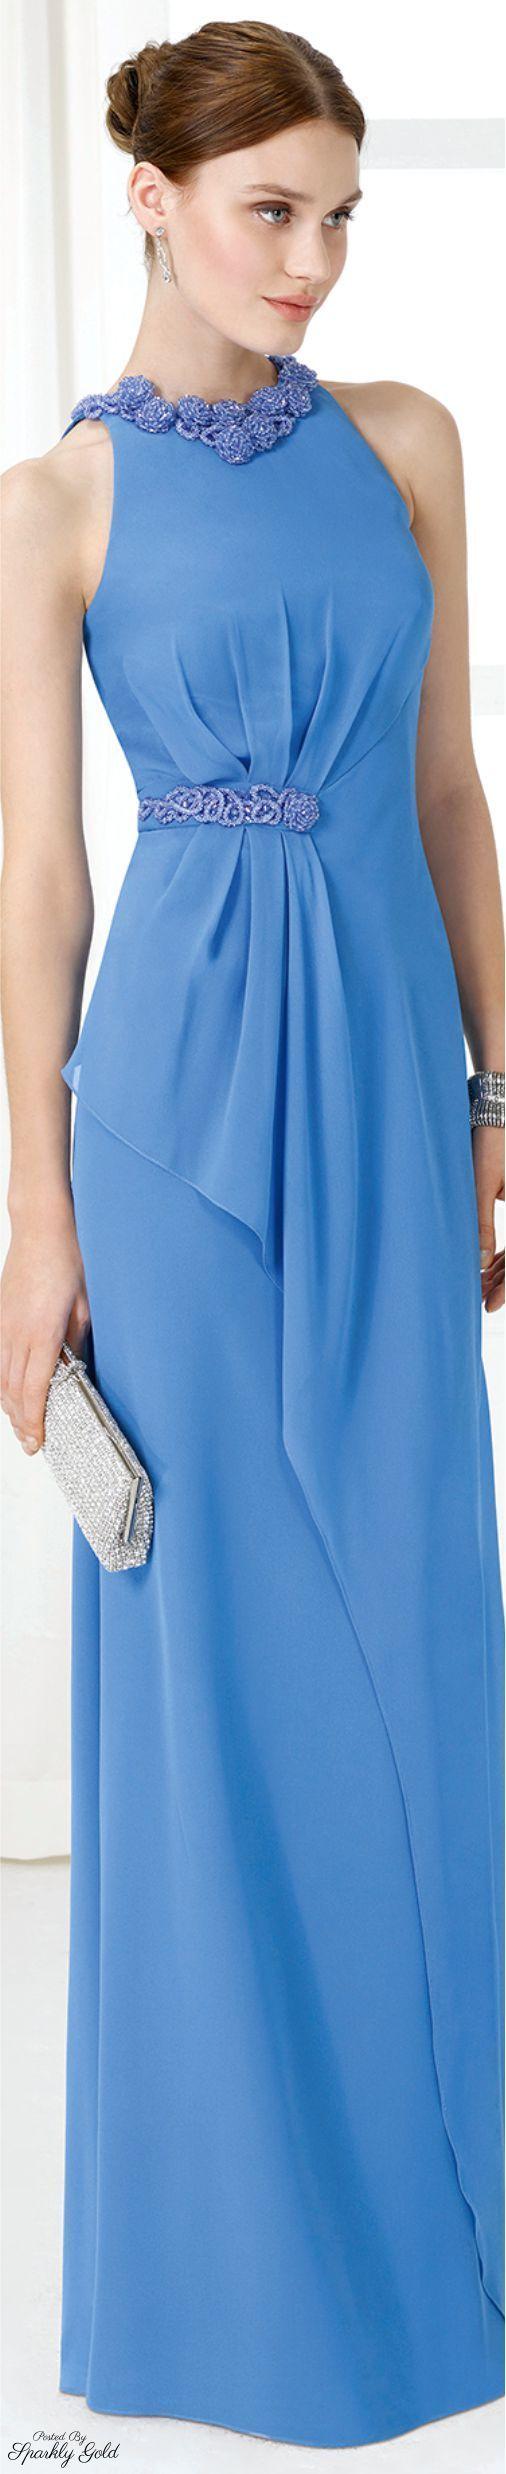 Aire Barcelona 2016                                                                                                                                                                                 Más - handbags buy online, purses on sale, designer handbags online *ad